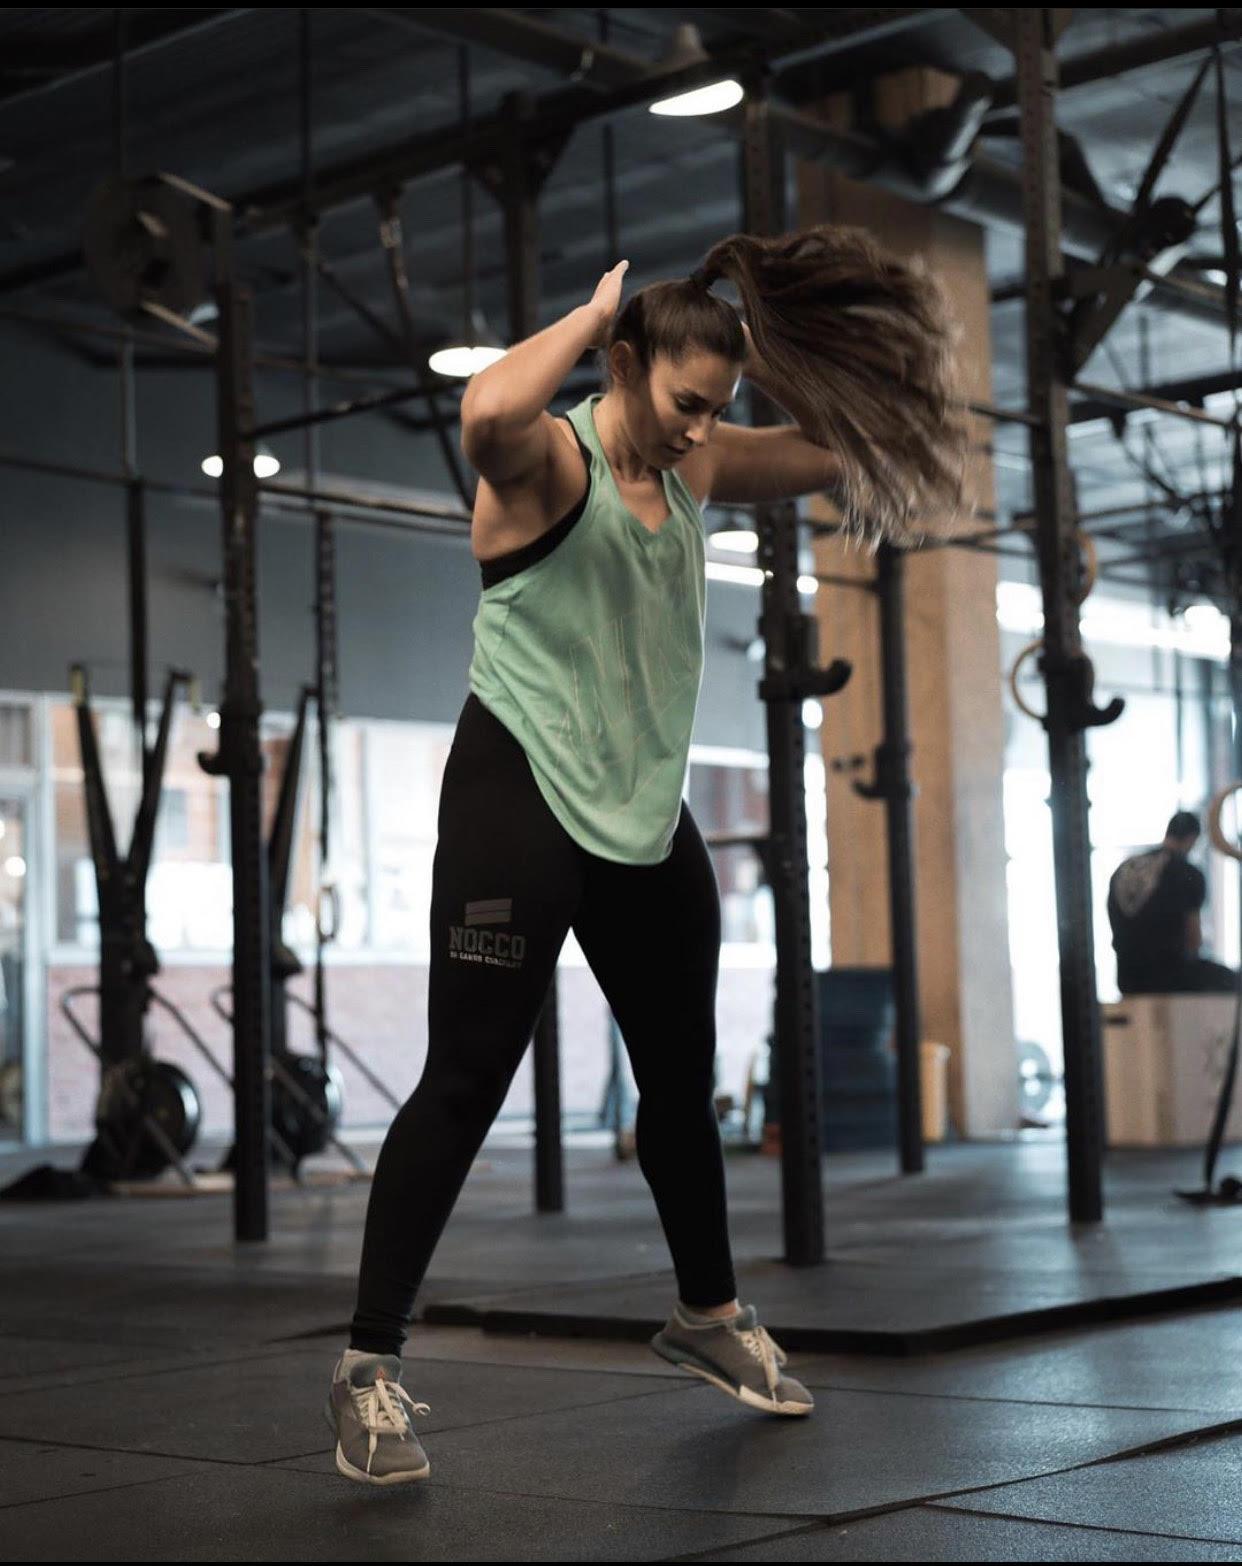 sheila entrenando crossfit coraje alta intensidad